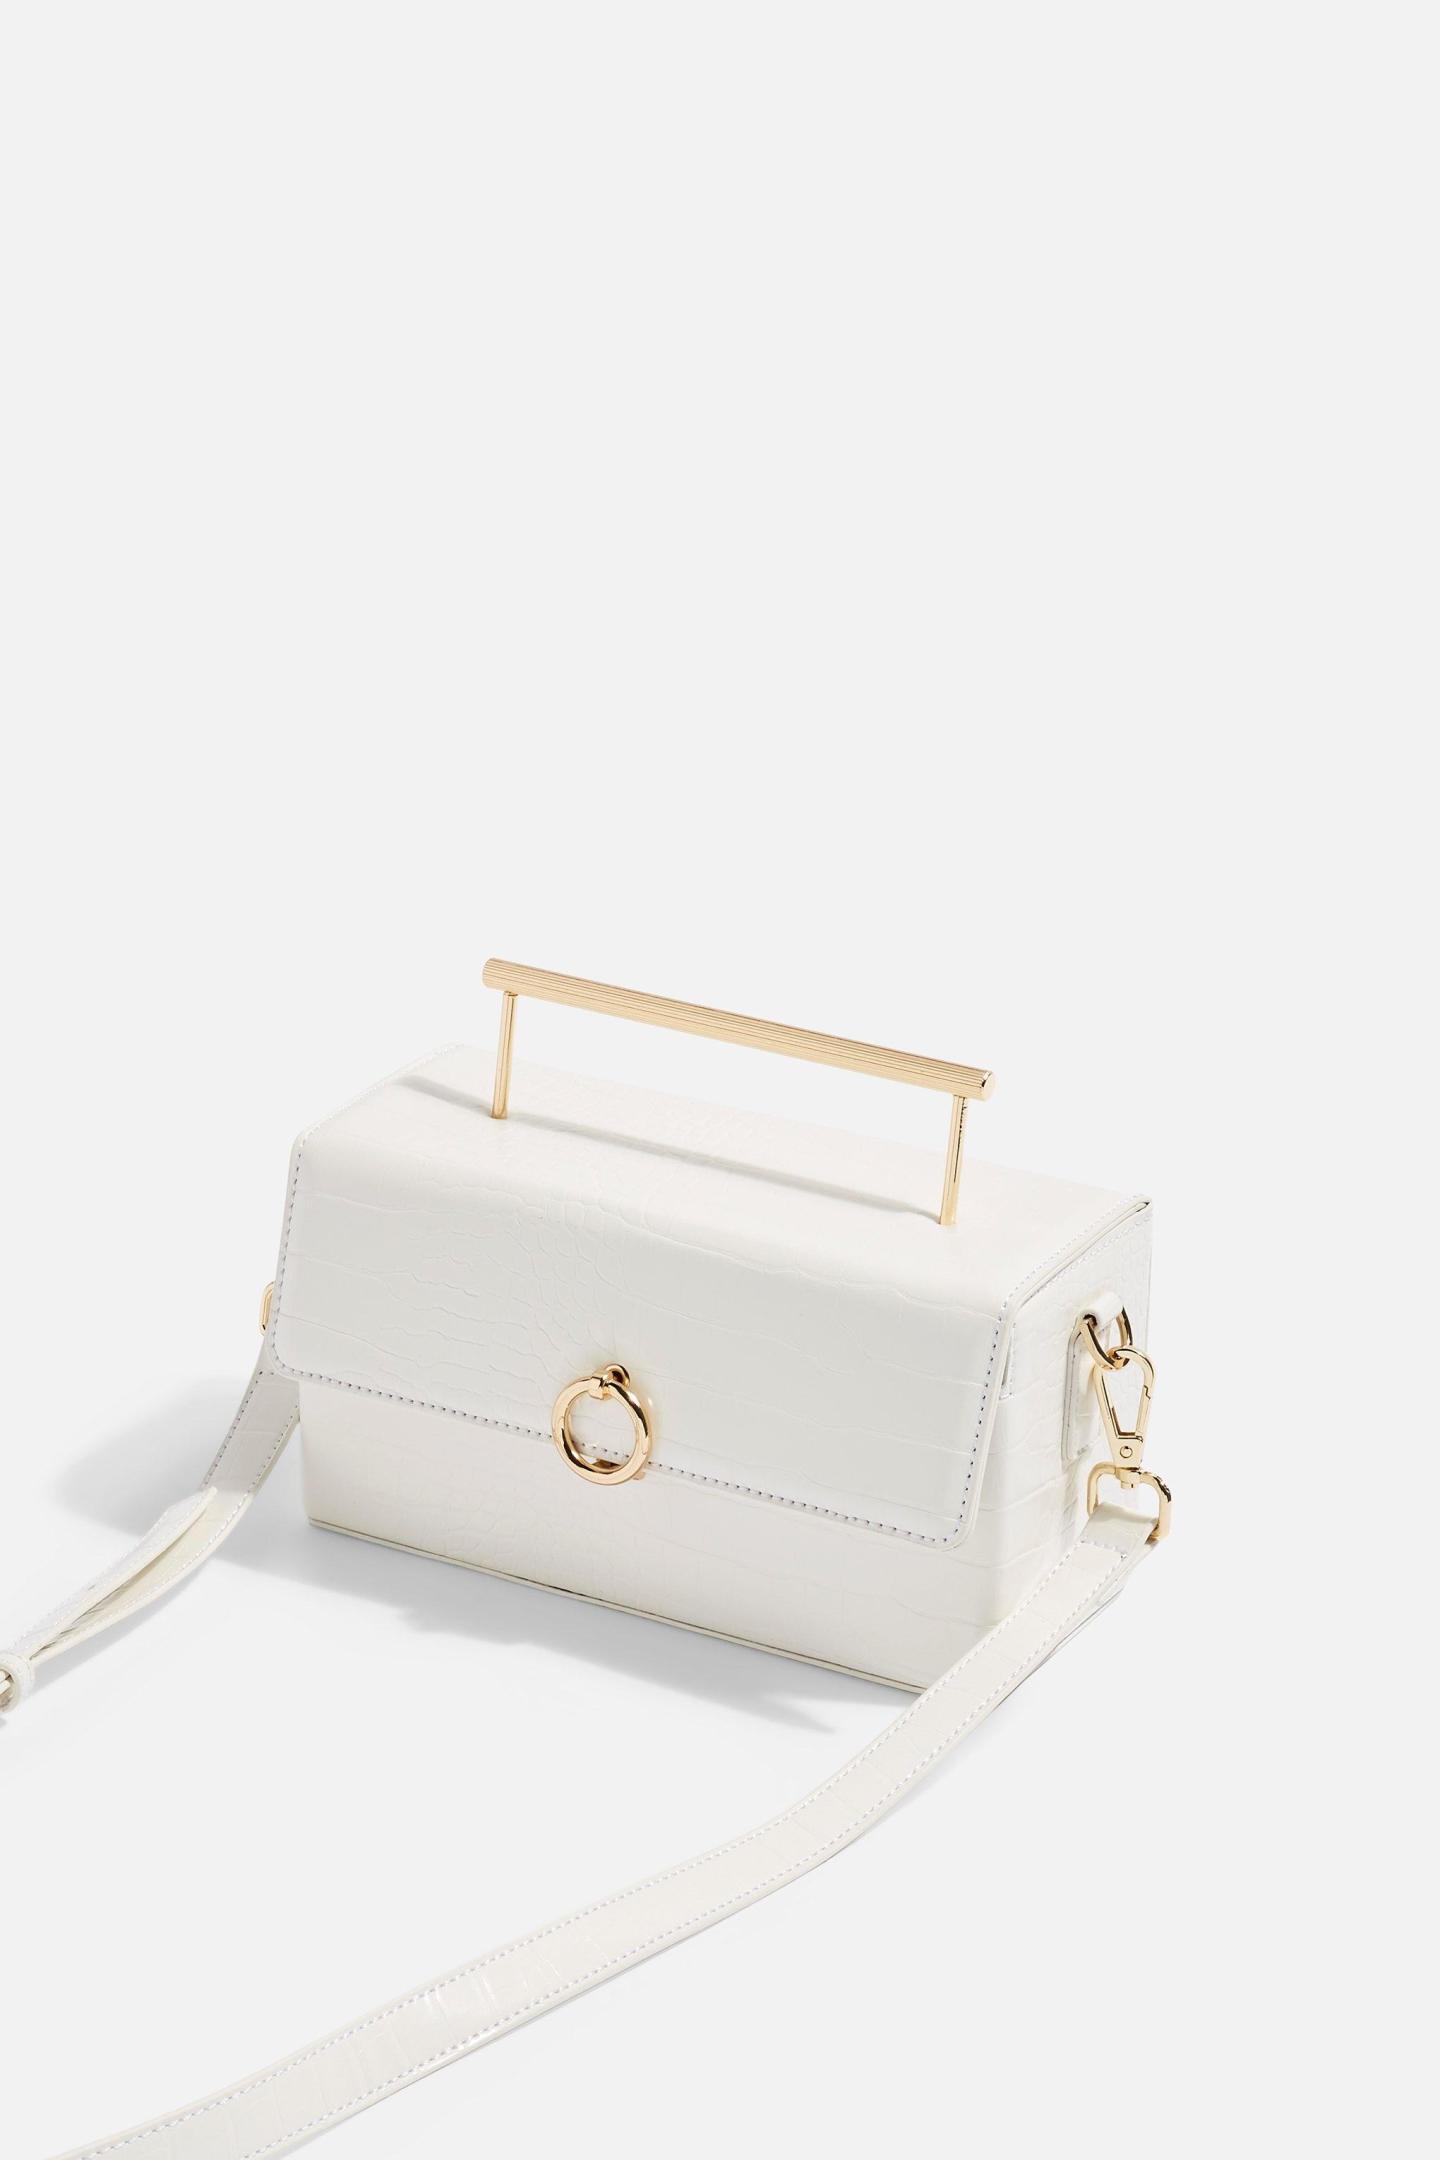 Boxy Grab Bag – White